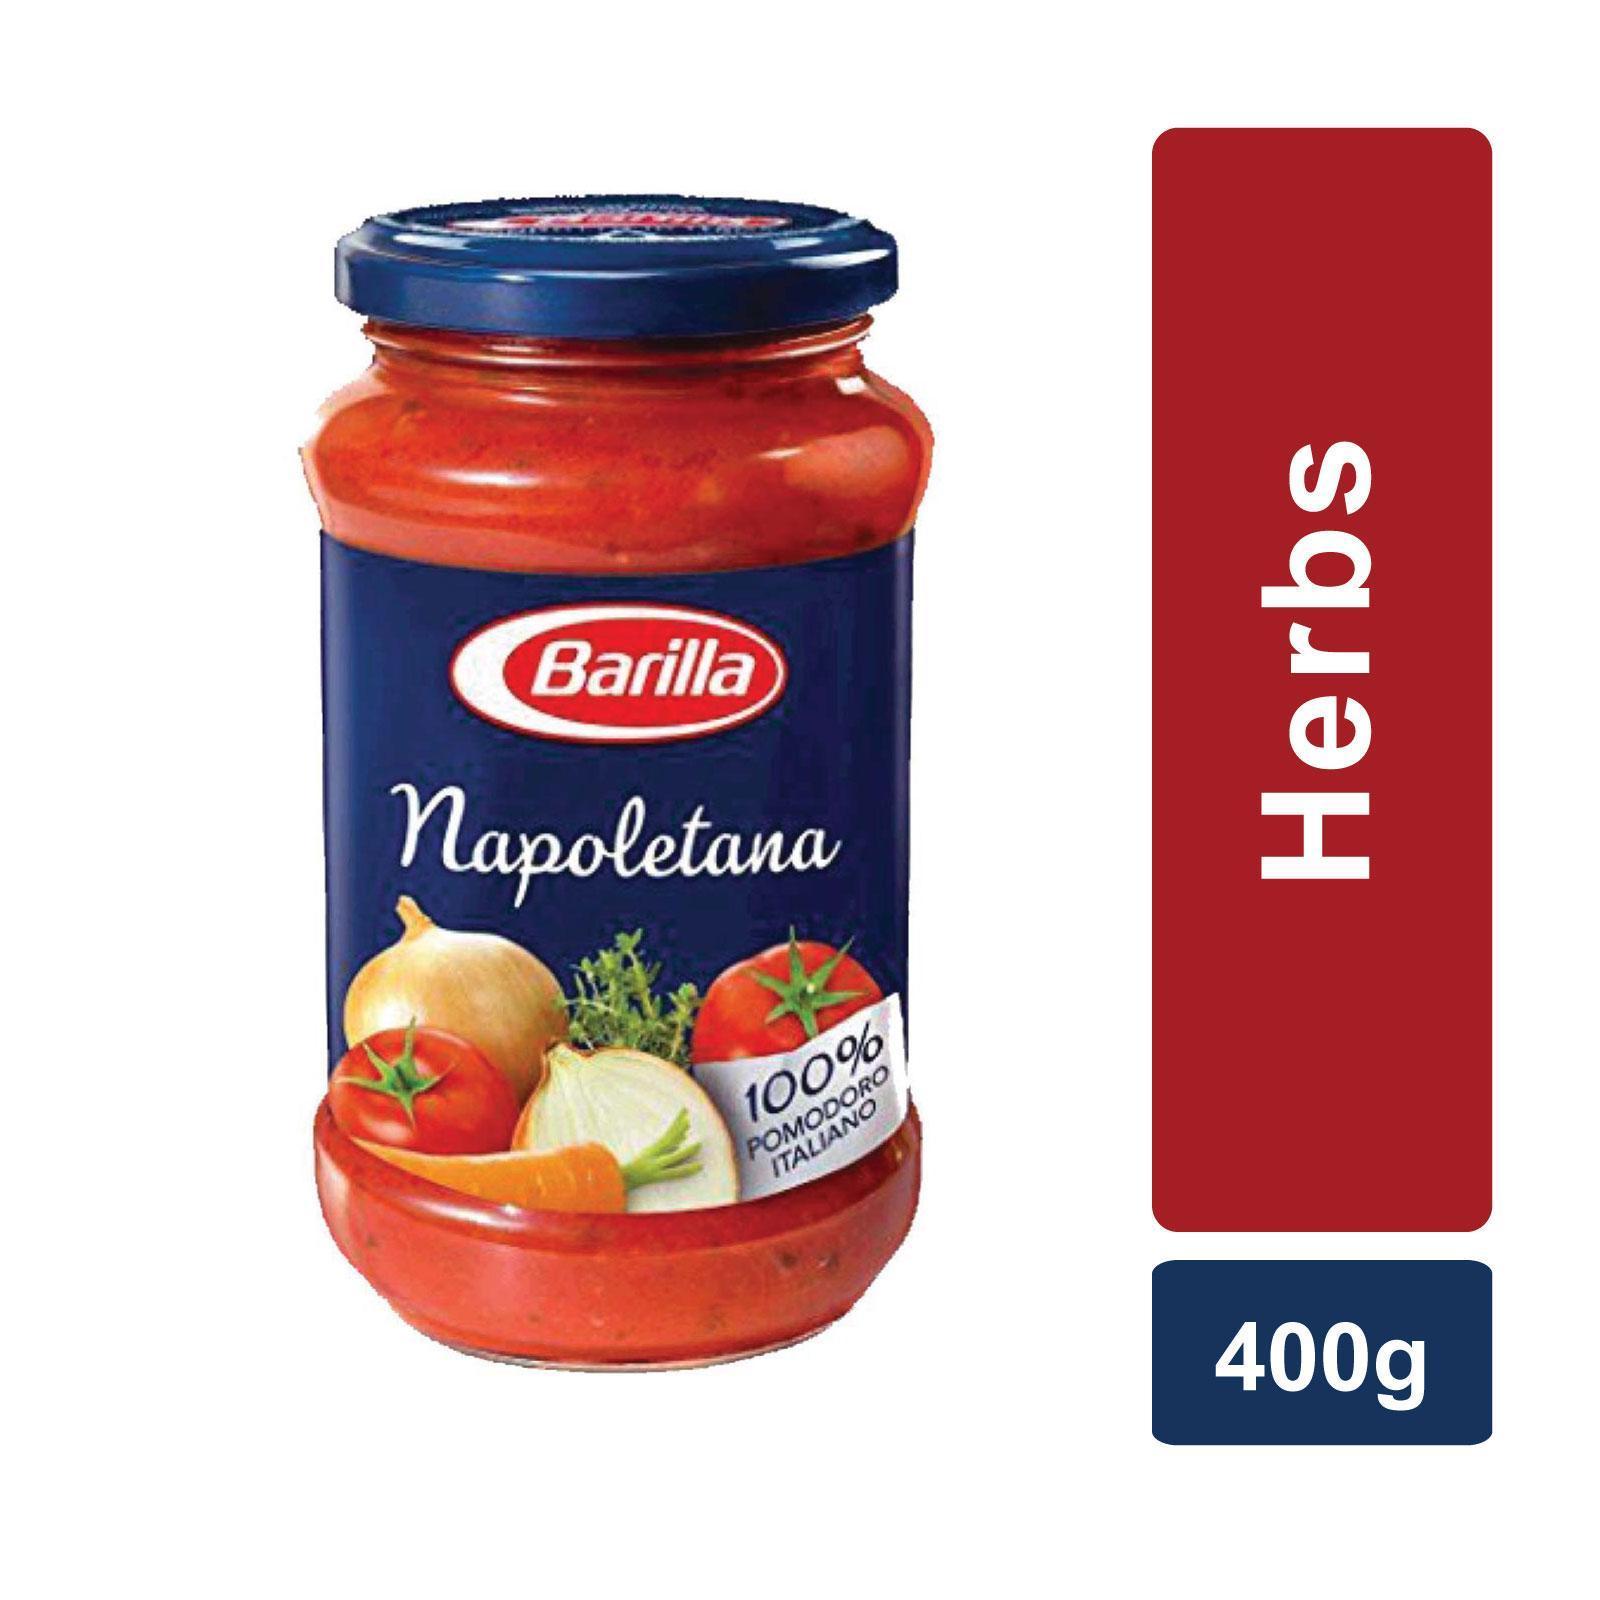 Barilla Napoletana Pasta Sauce